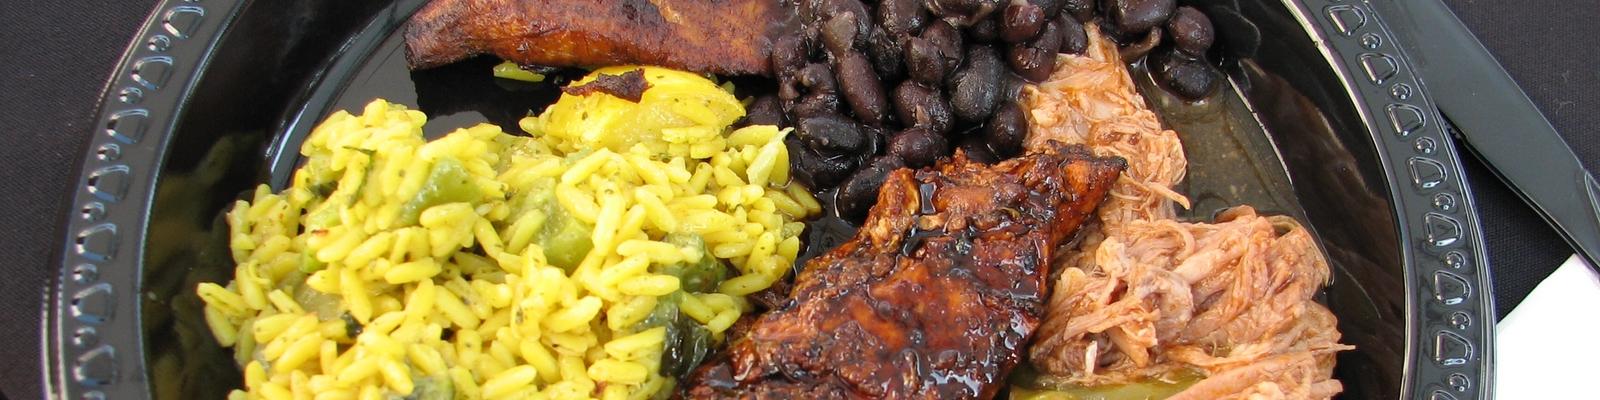 latino-small-plate-dinner-tapas